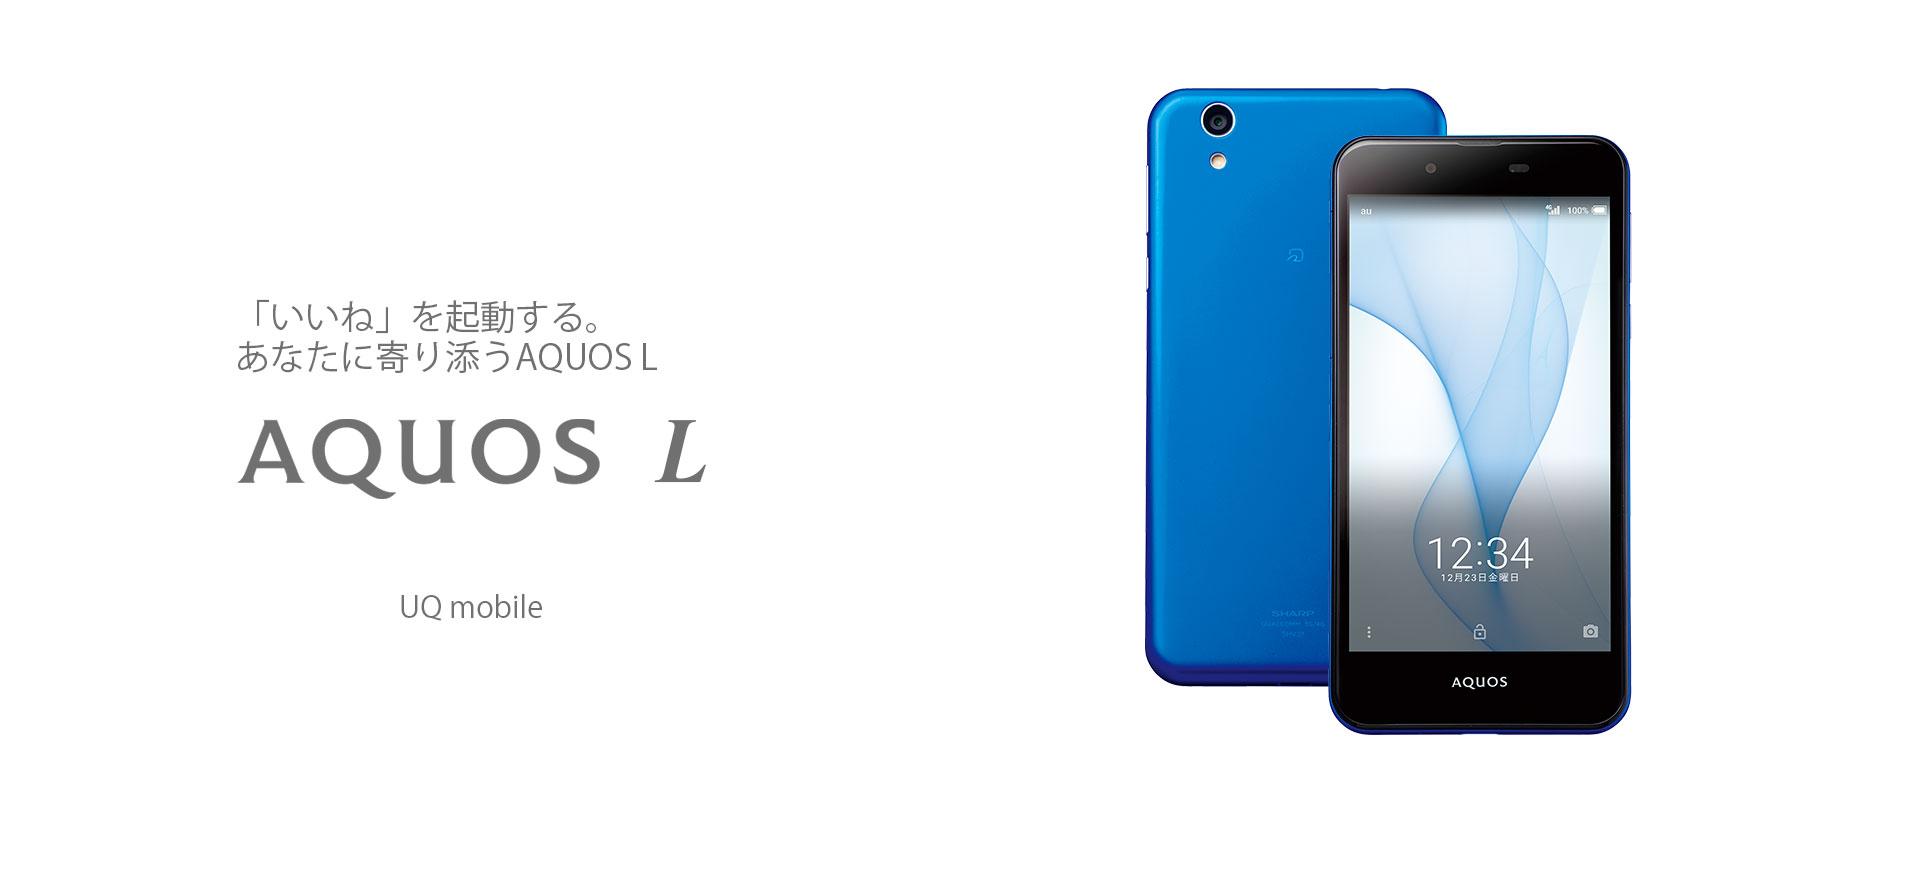 UQモバイルからシャープ製「AQUOS L」が発売。価格は税込34,900円